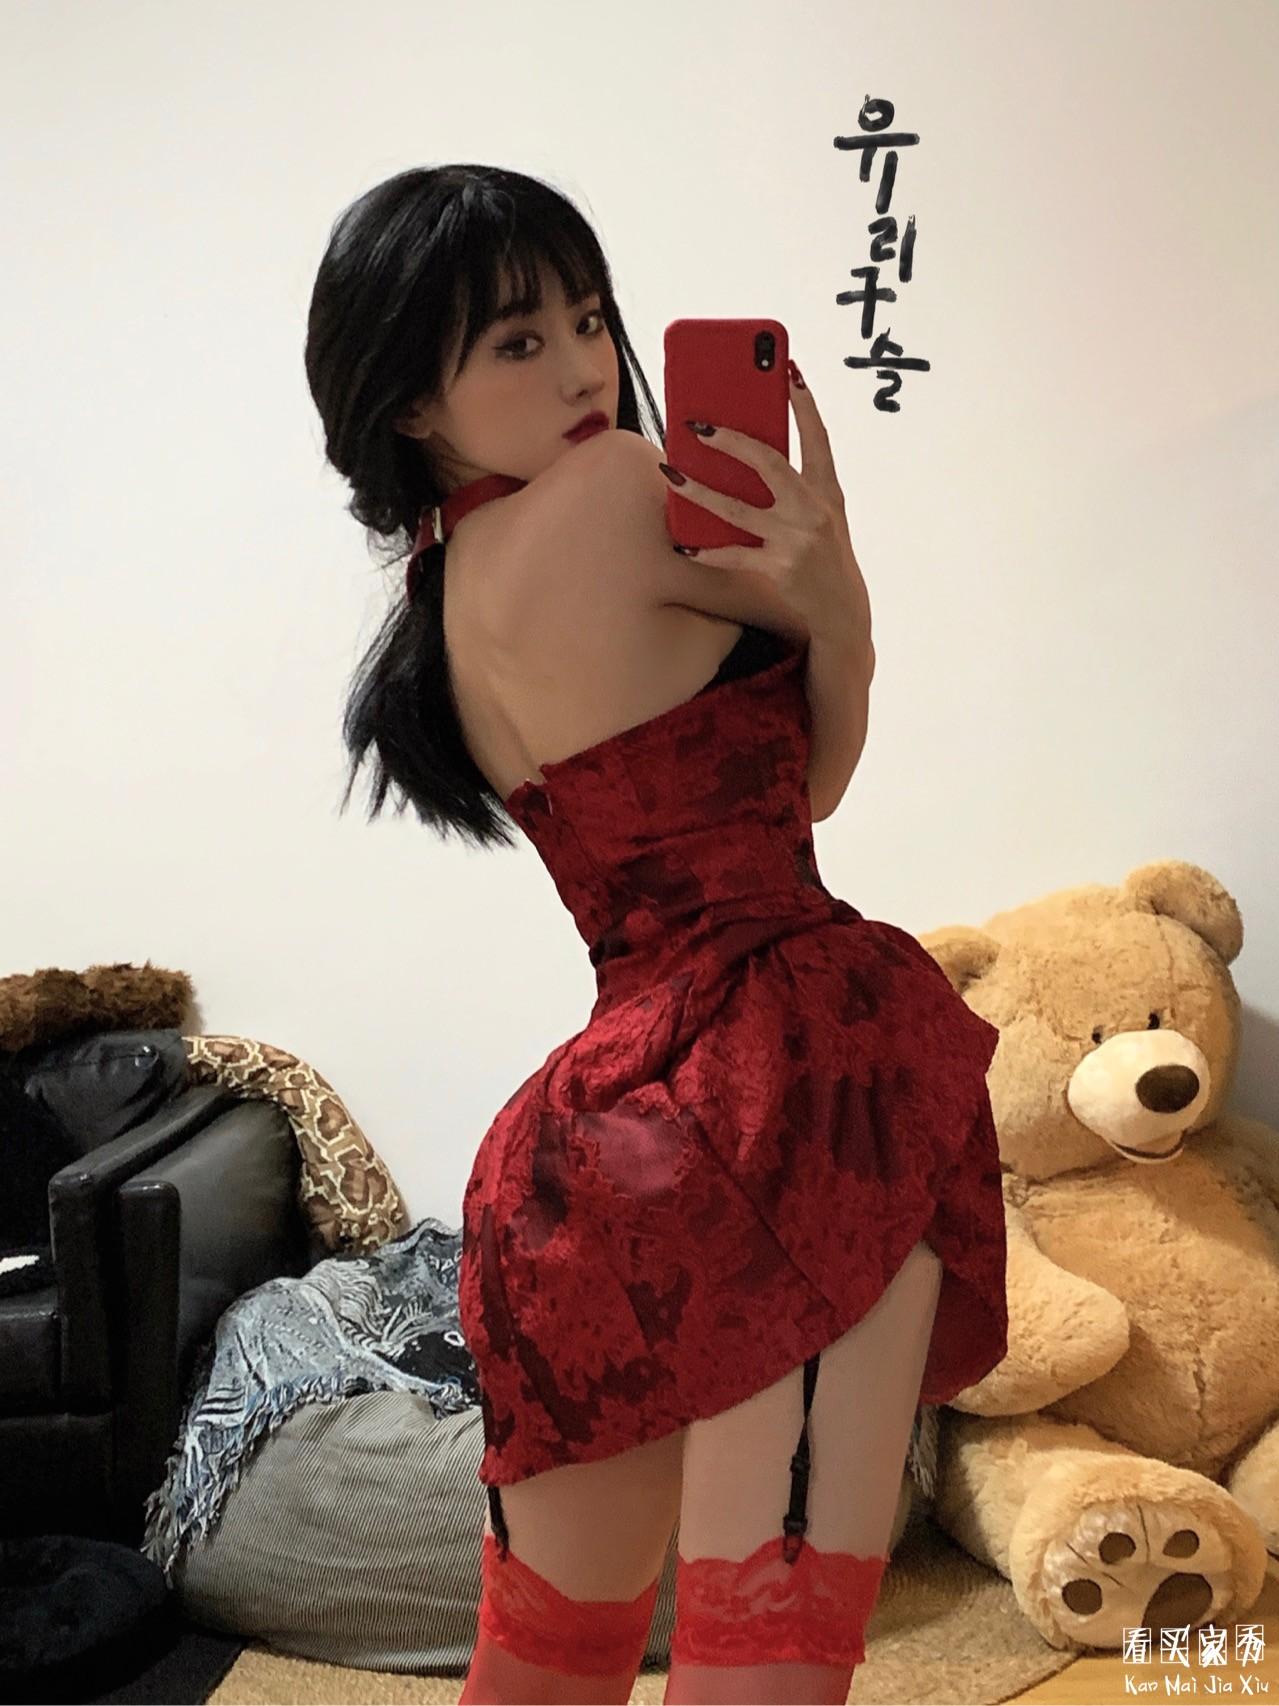 抹胸甜心小短裙买家秀,炸街利器,穿上你也是野玫瑰3